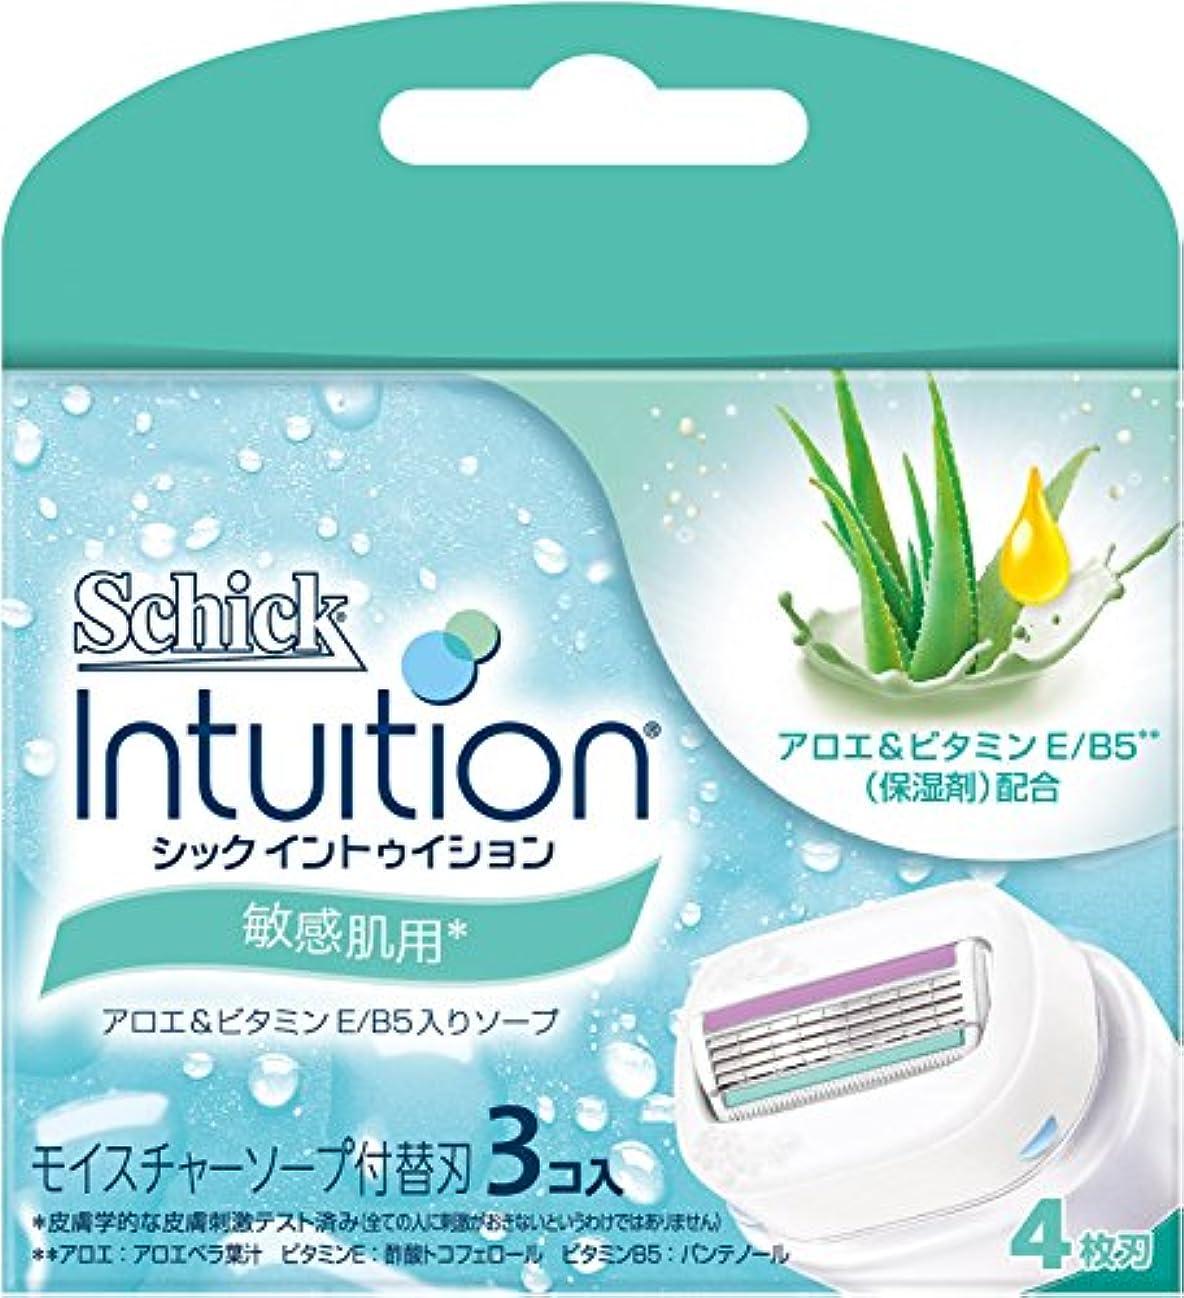 記念品アサーラビリンスシック Schick イントゥイション 替刃 女性用 カミソリ 敏感肌用(3コ入)